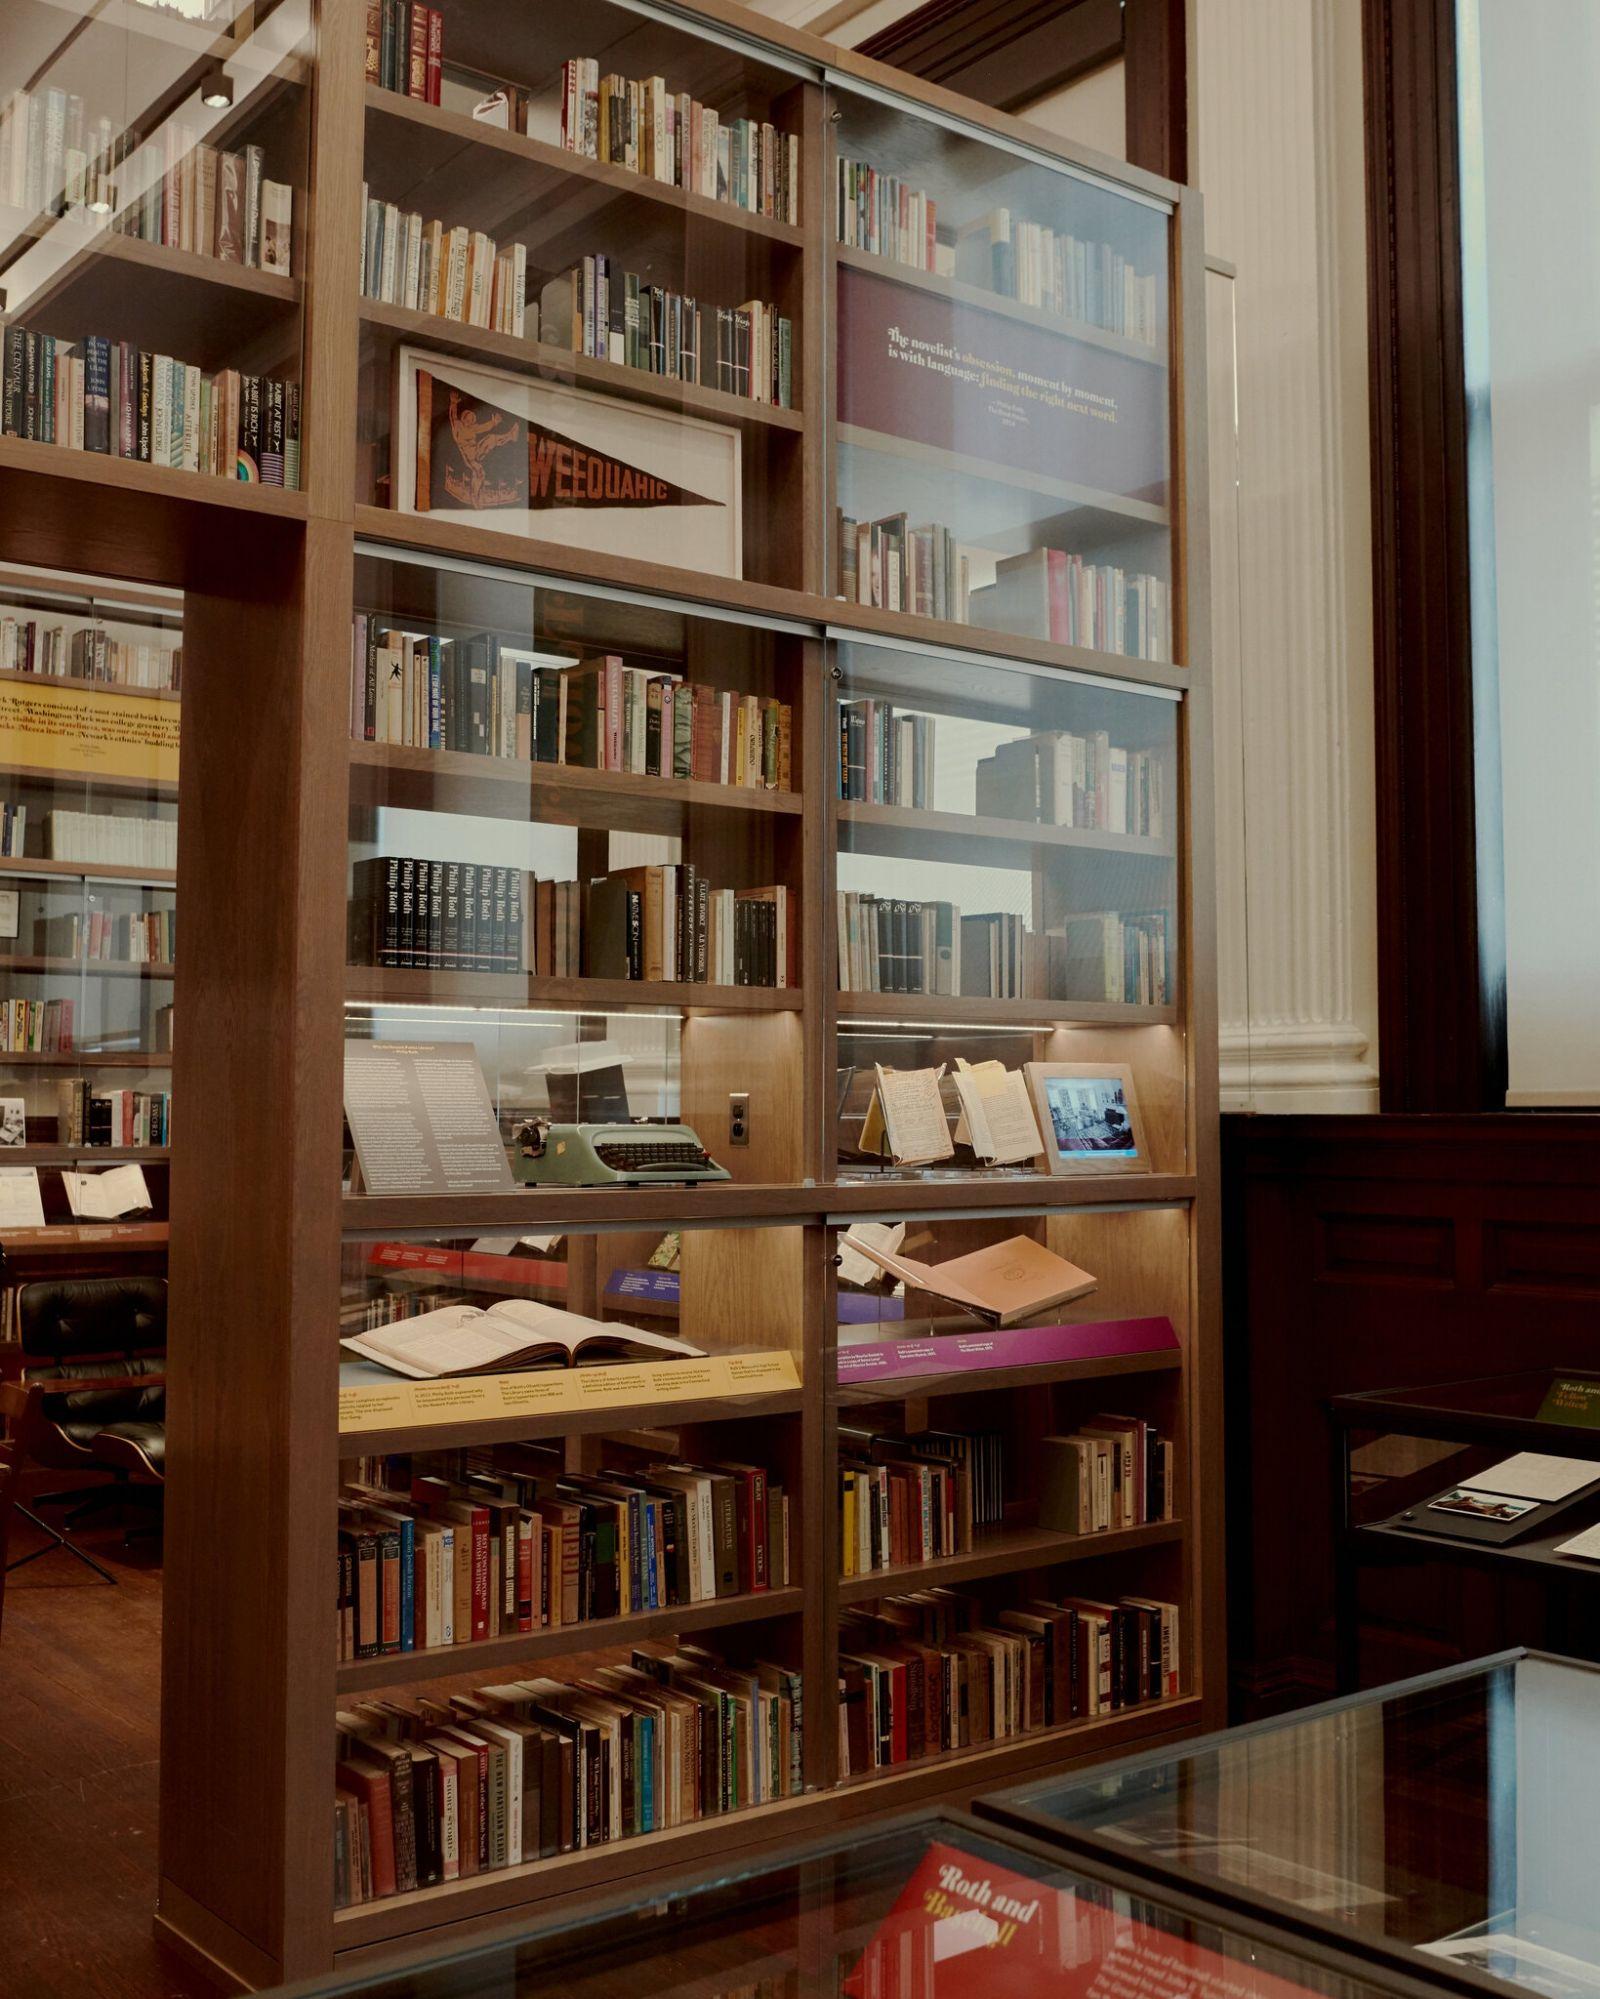 حدود ۳۷۰۰ عنوان از کتابهای فیلیپ راث اکنون در کتابخانه عمومی نیویورک در معرض دید عموم قرار دارد.